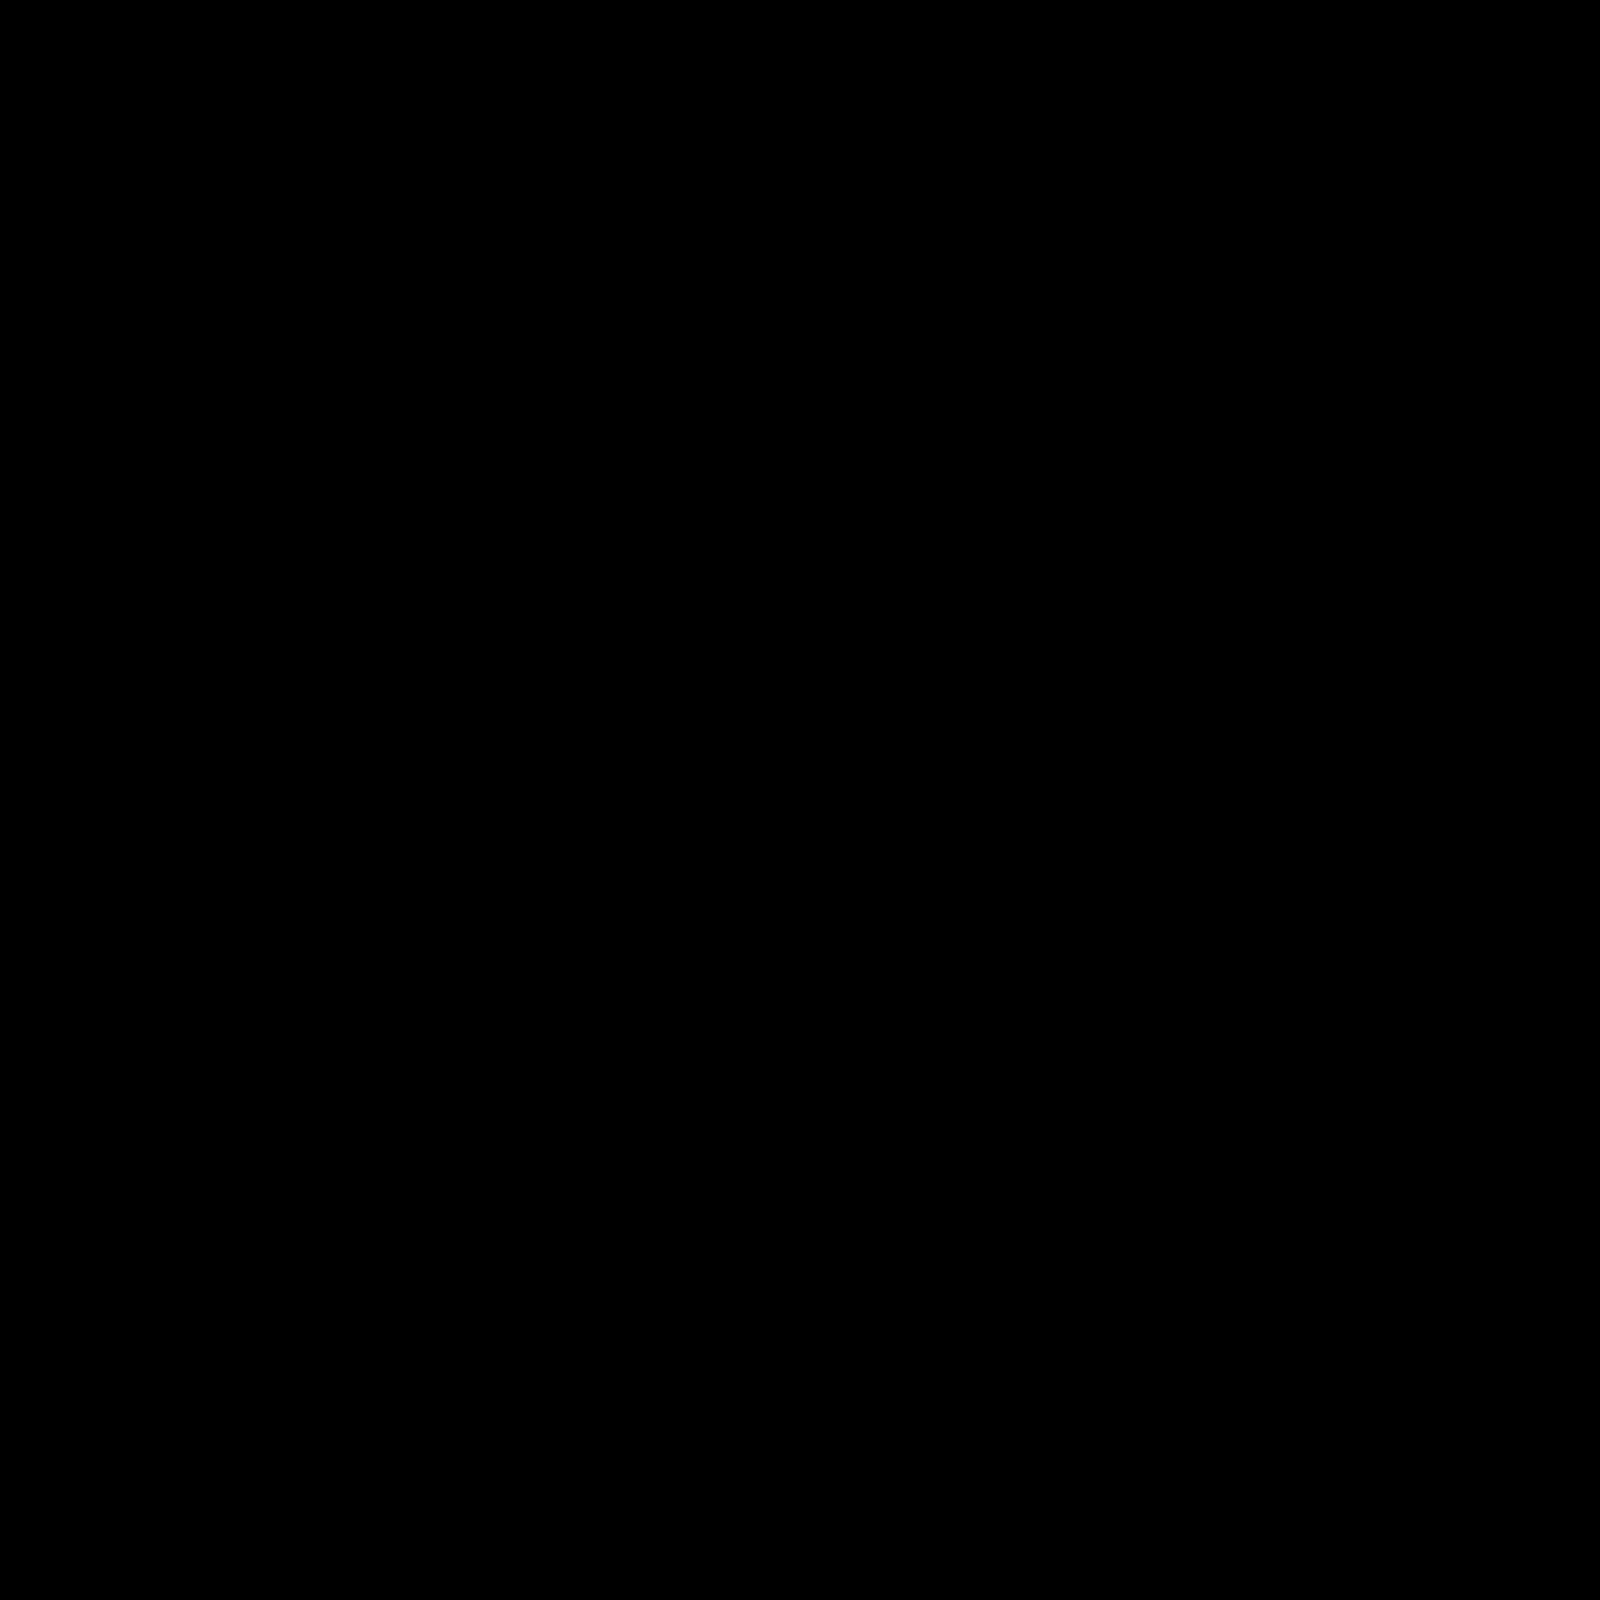 排行榜 icon. The image is a single block with an abnormal shape. The bottom is flat but the top has three different heights. Under the varying heights are numbers. Number 1 is highest. Number 2 is a little lower and number 3 is the lowest.